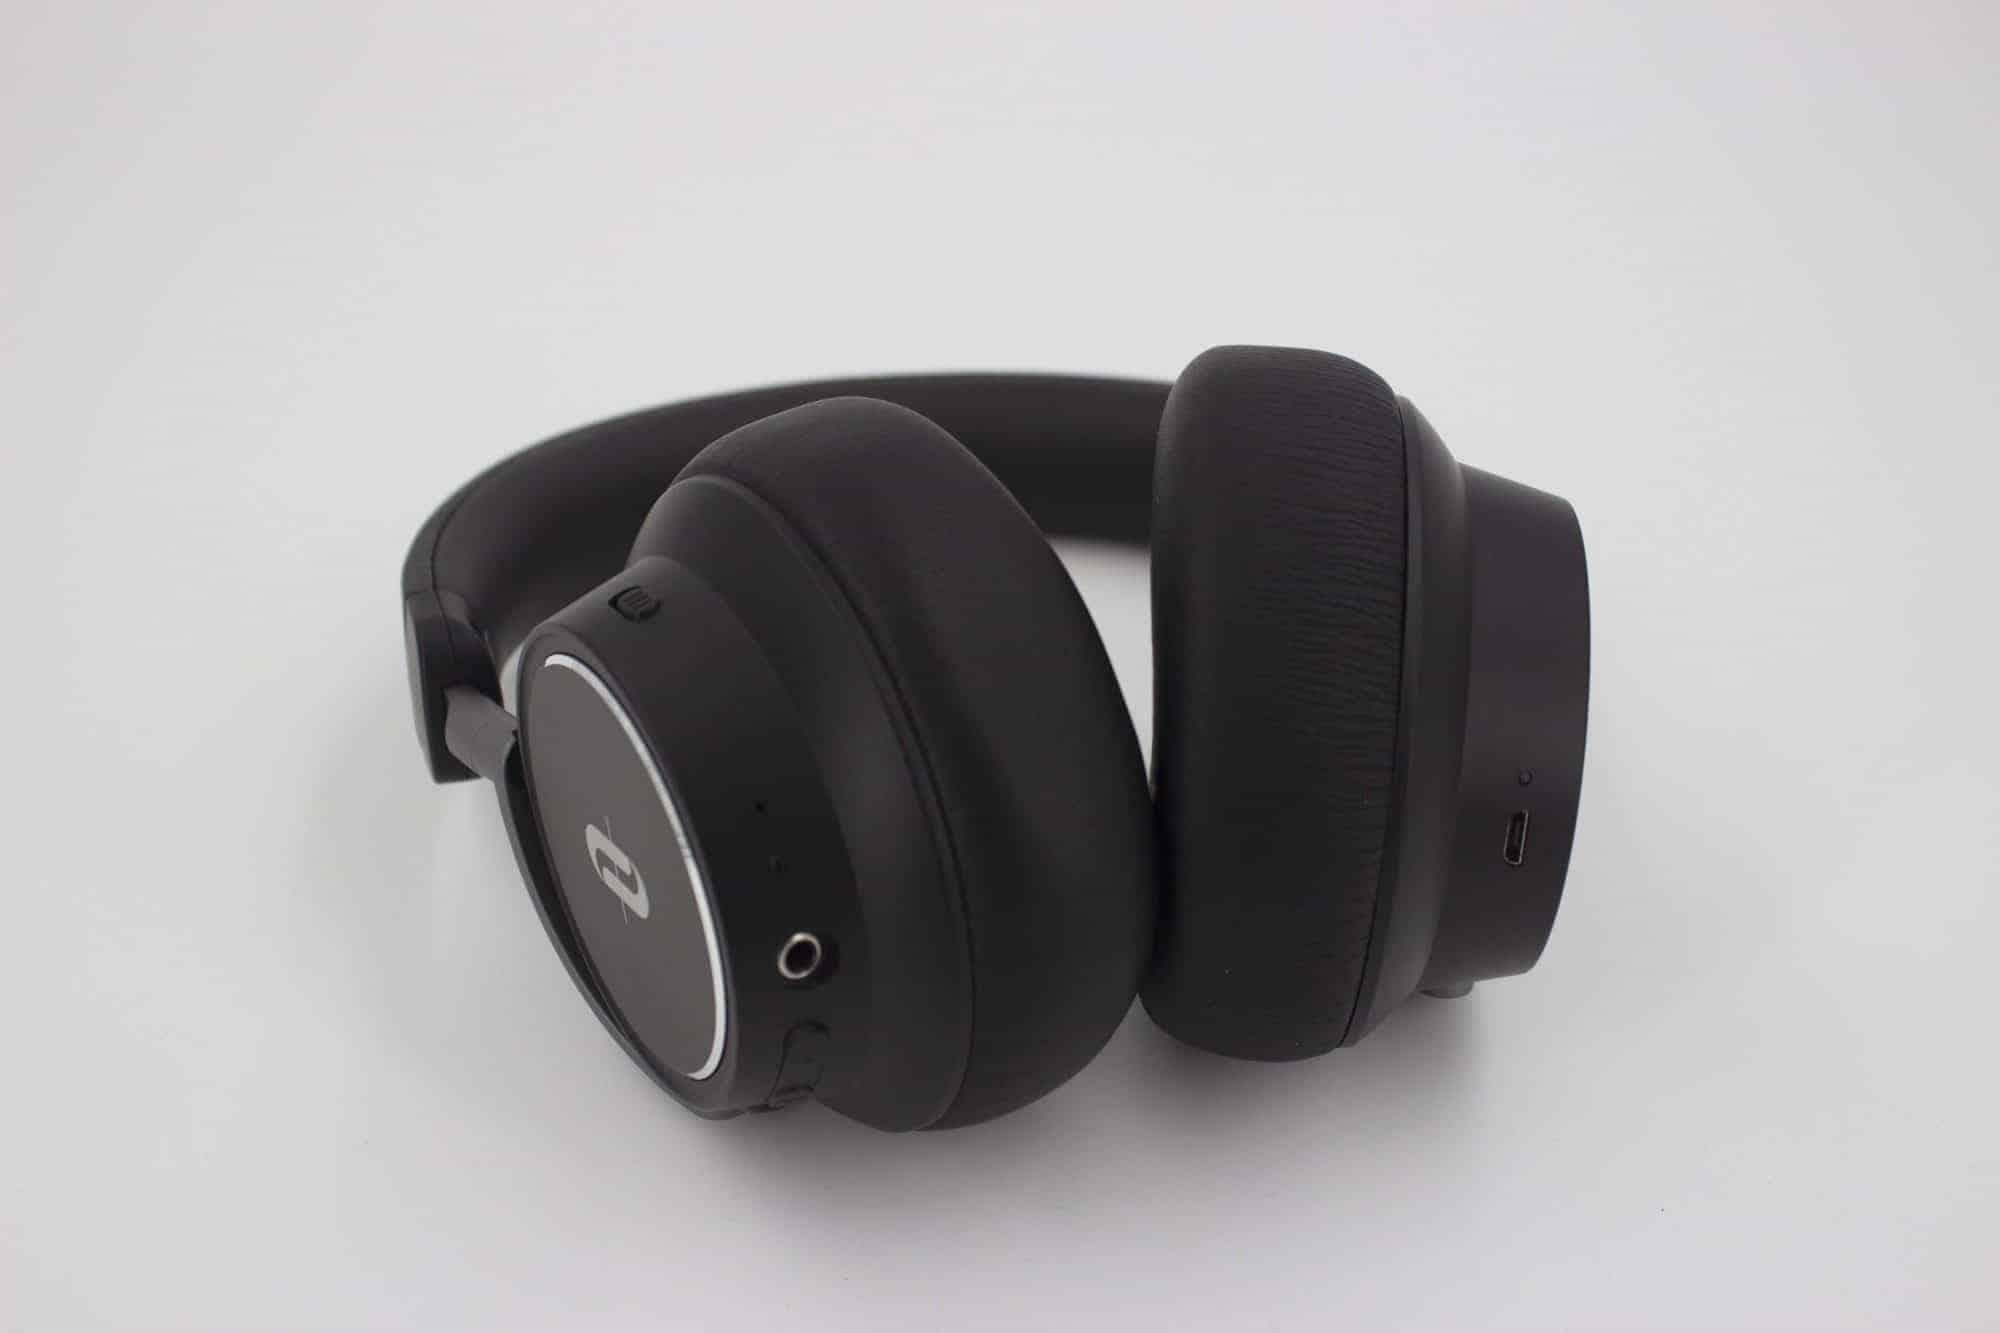 TaoTronics TT-BH046(SoundSurge 46)藍牙降噪耳機推薦 耳墊